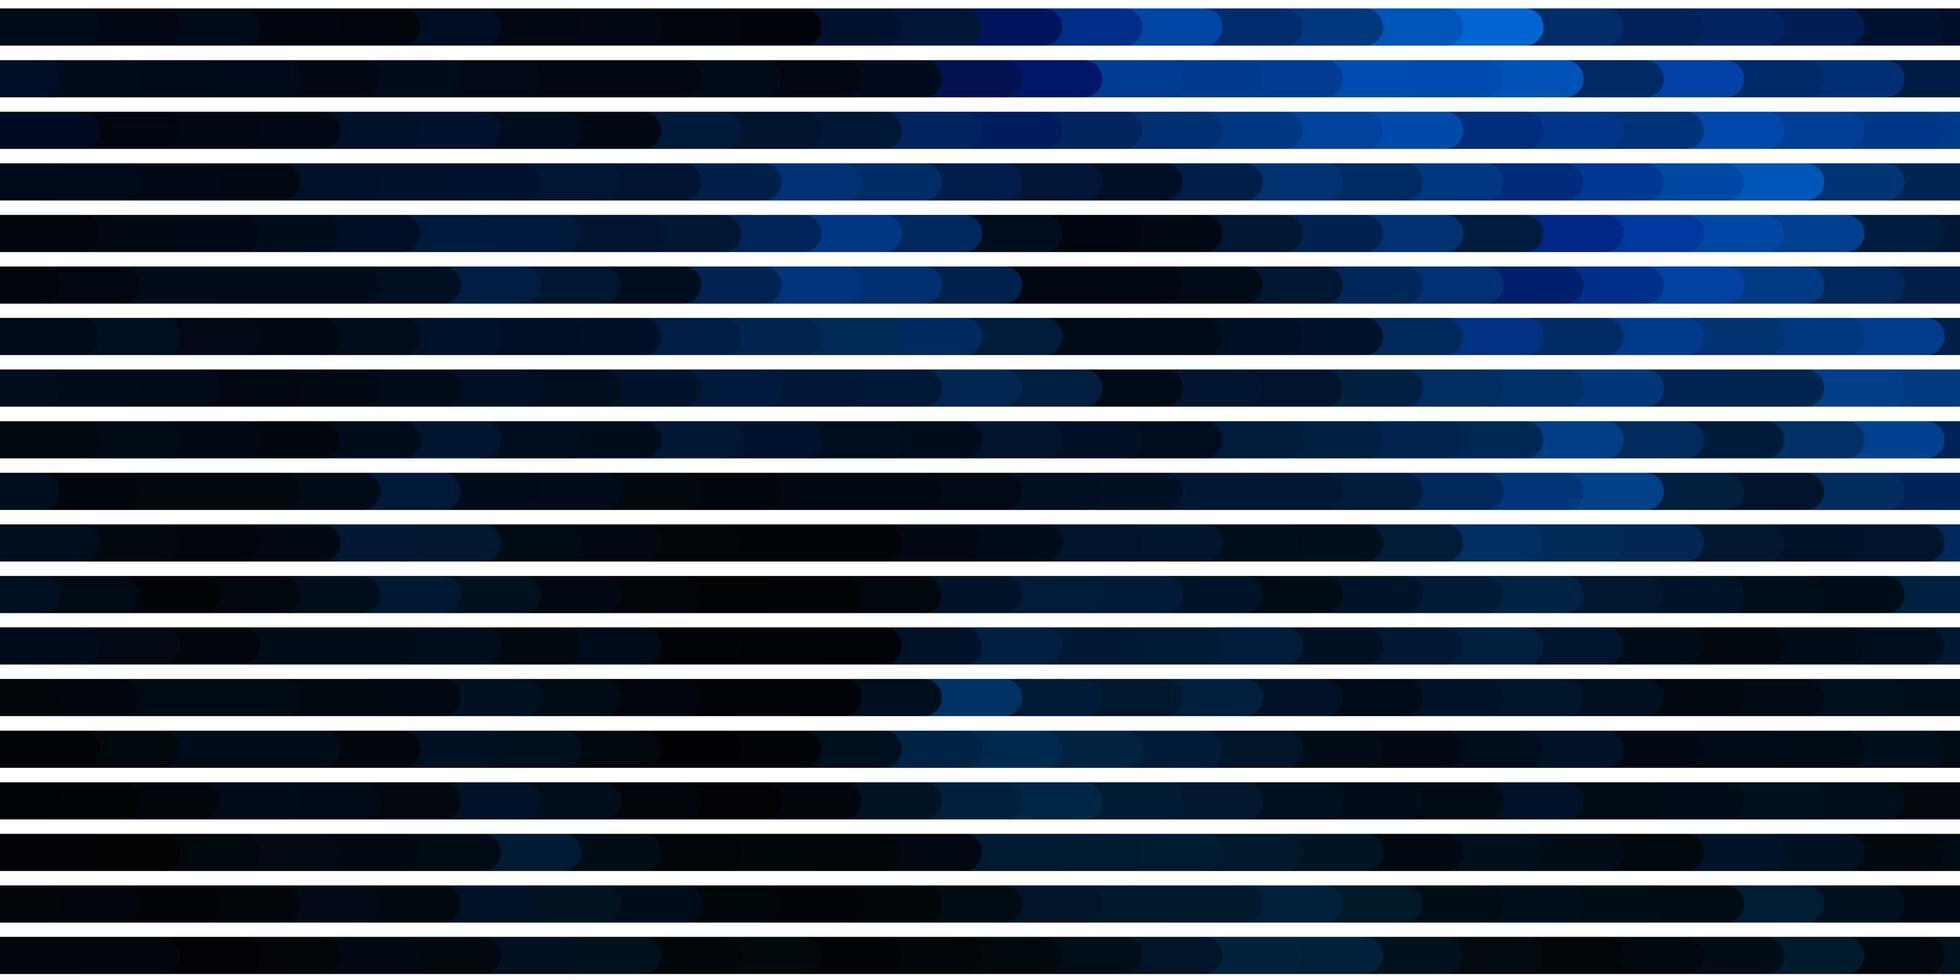 fundo vector azul claro com linhas.